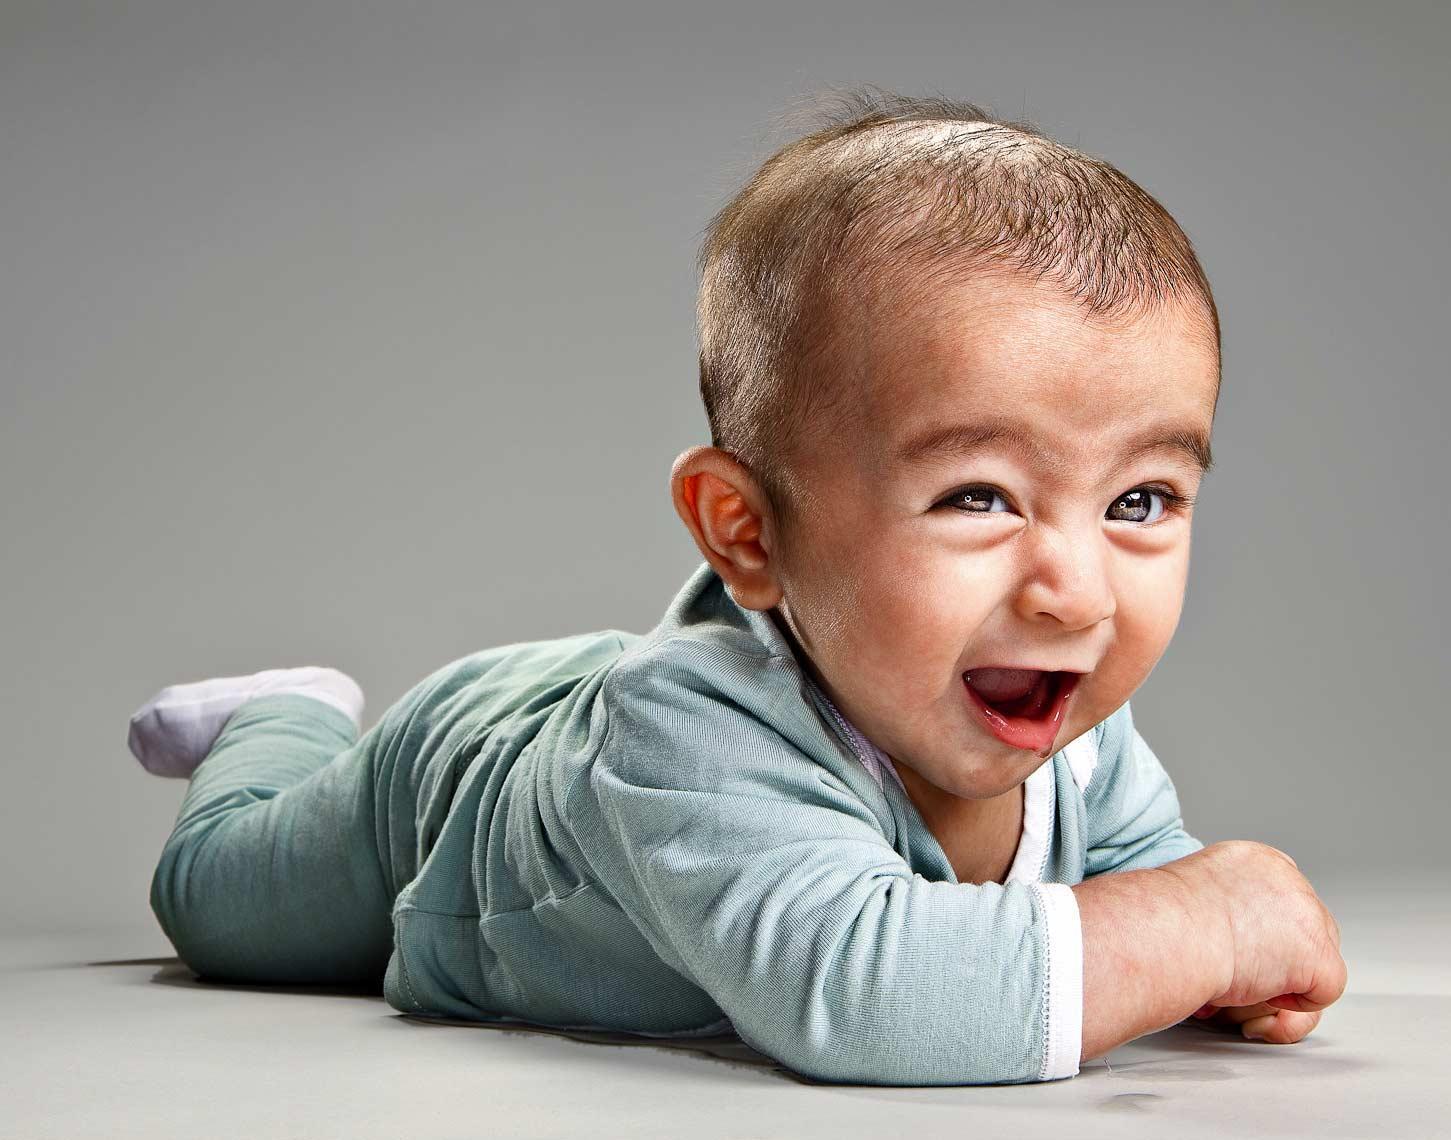 Смотреть самые смешные картинки для детей, демоном искусителем